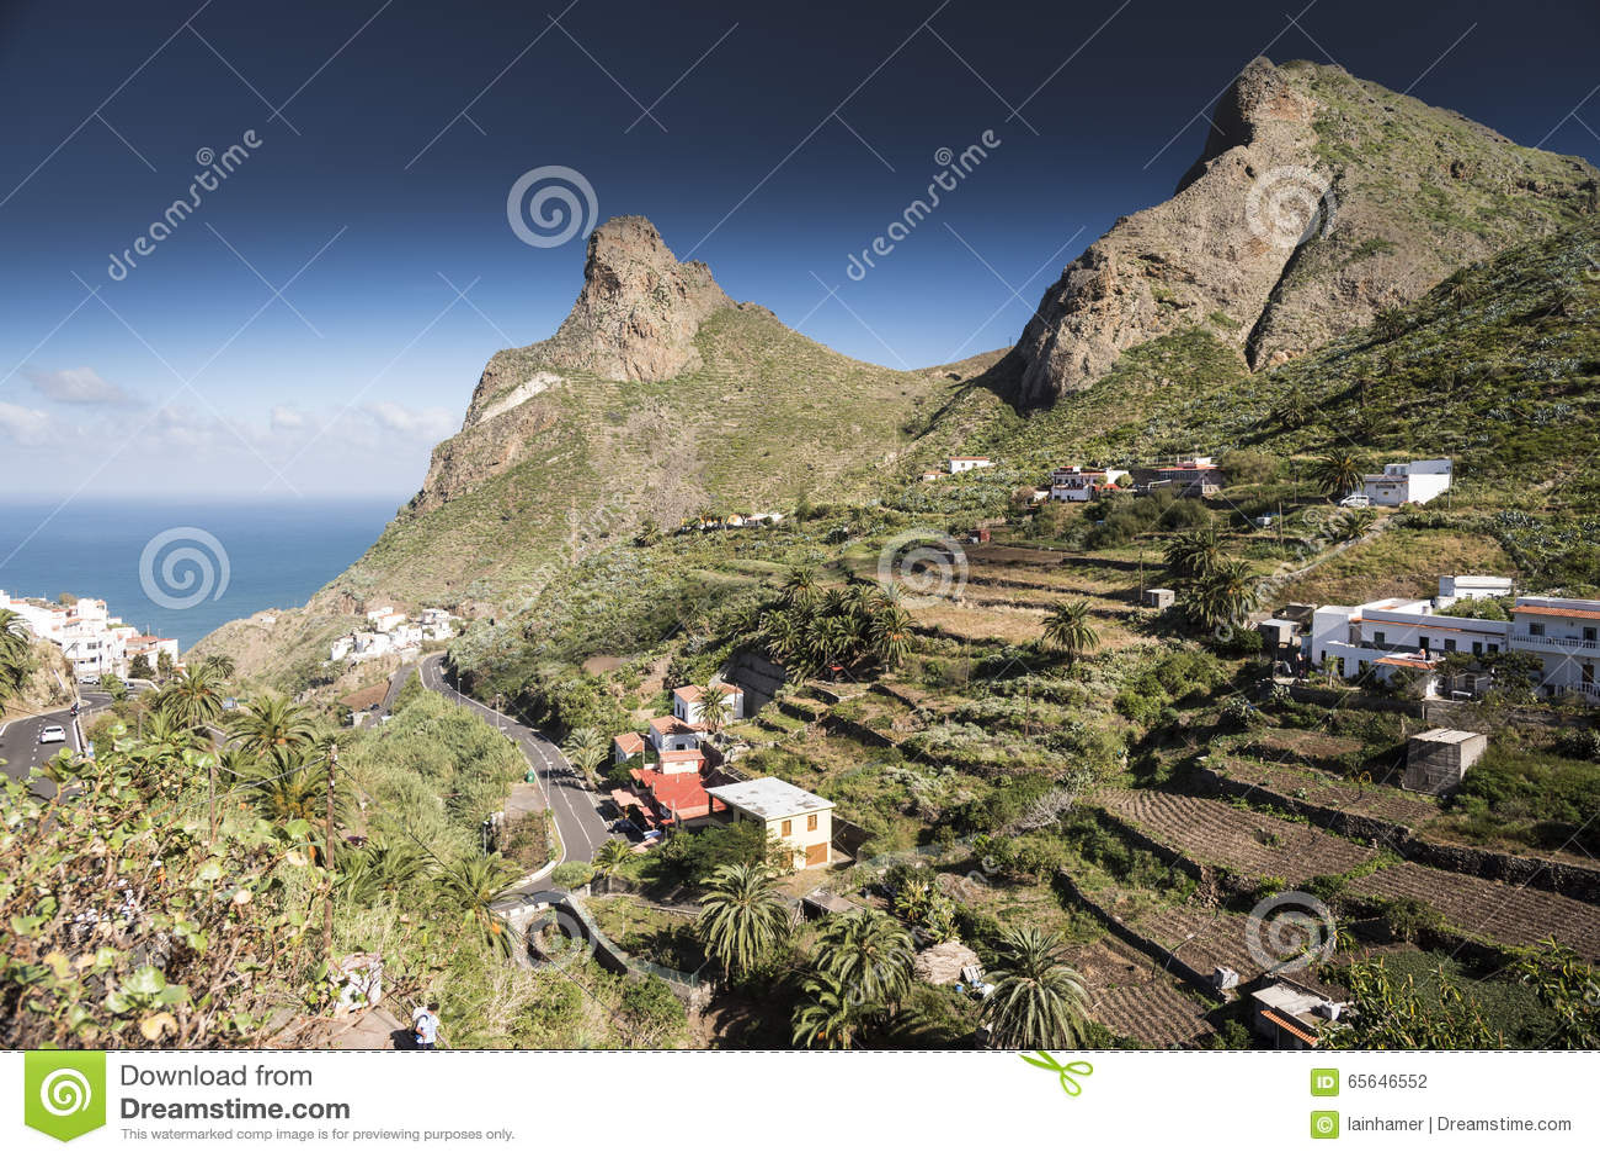 Montagnes et maisons de Ténérife